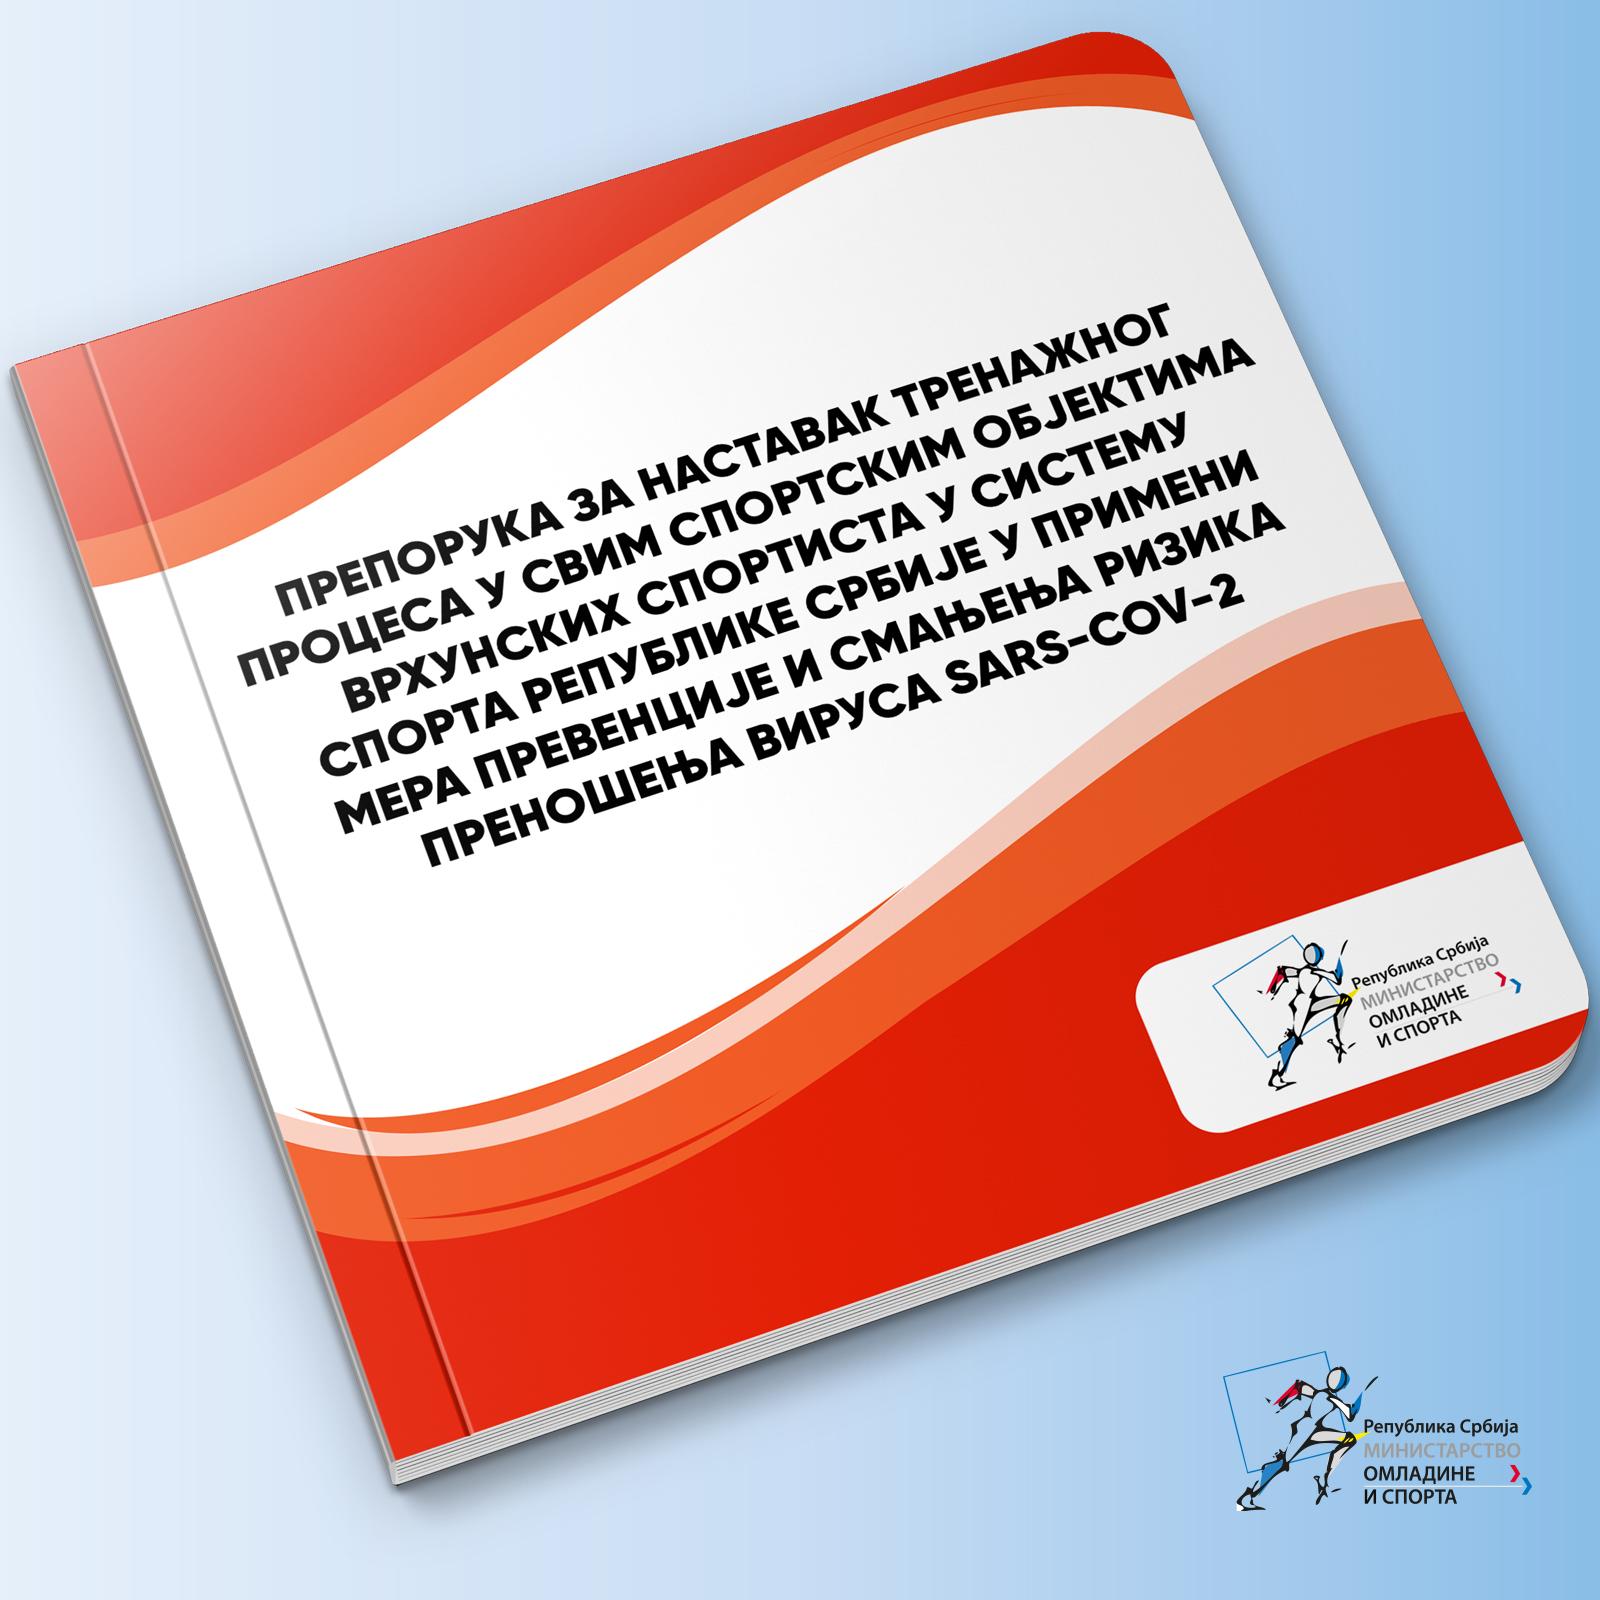 Препоруке за наставак тренажног  процеса у свим спортским објектима врхунских спортиста и осталих спортиста у систему спорта Рeпублике Србије у примени мера превенције и смањења ризика  преношења вируса SARS-Cov-2